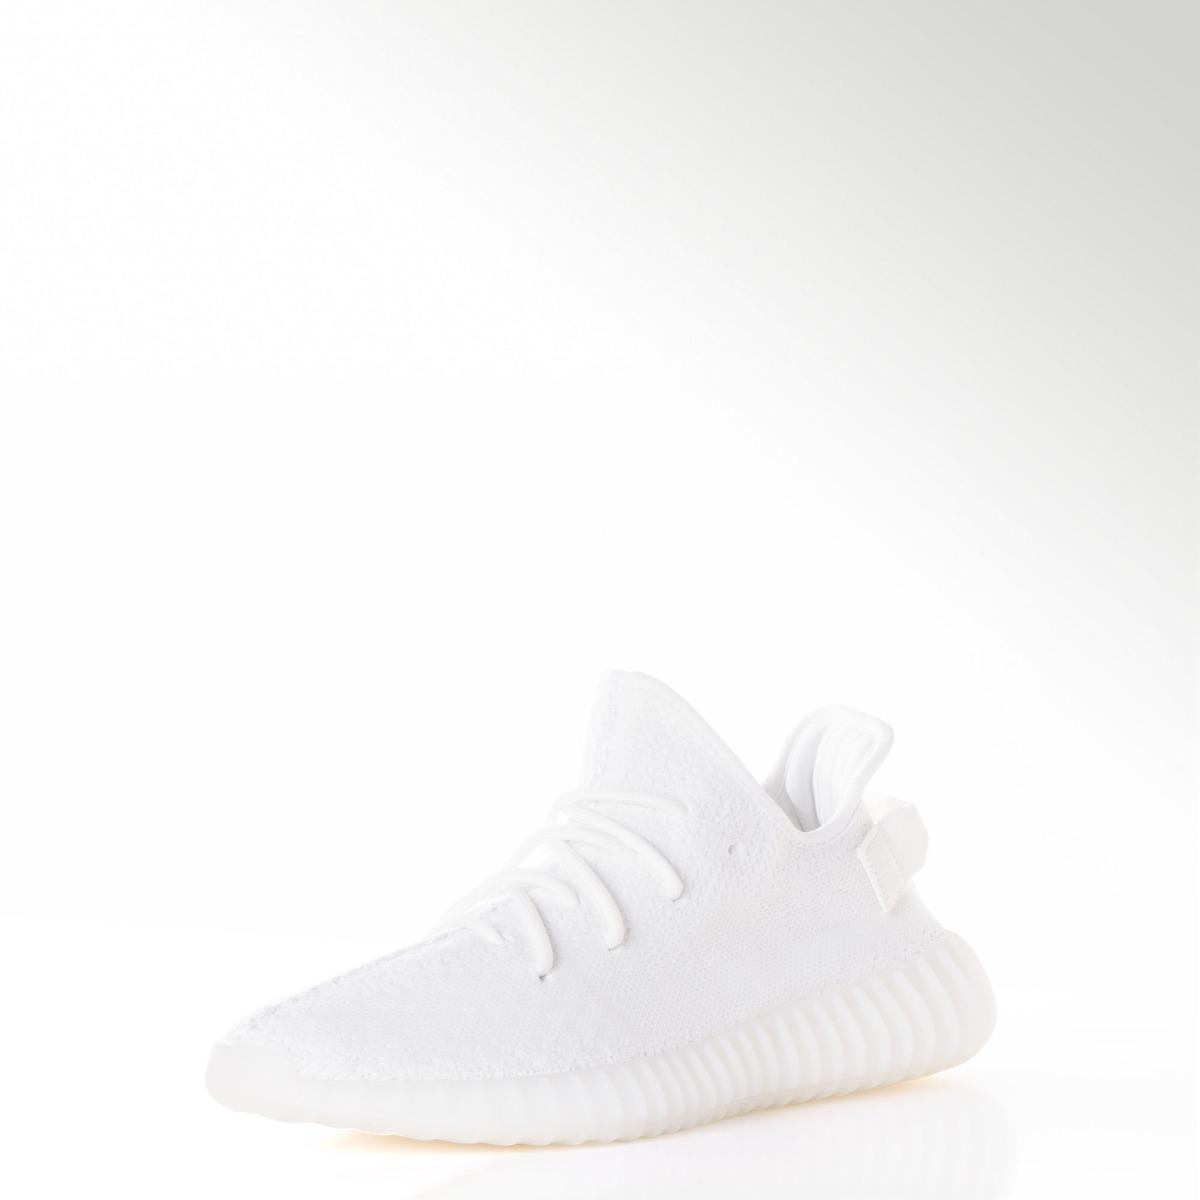 newest 240b9 efe95 Zapatillas adidas Yeezy Boost 350 V2 Cream White 2018